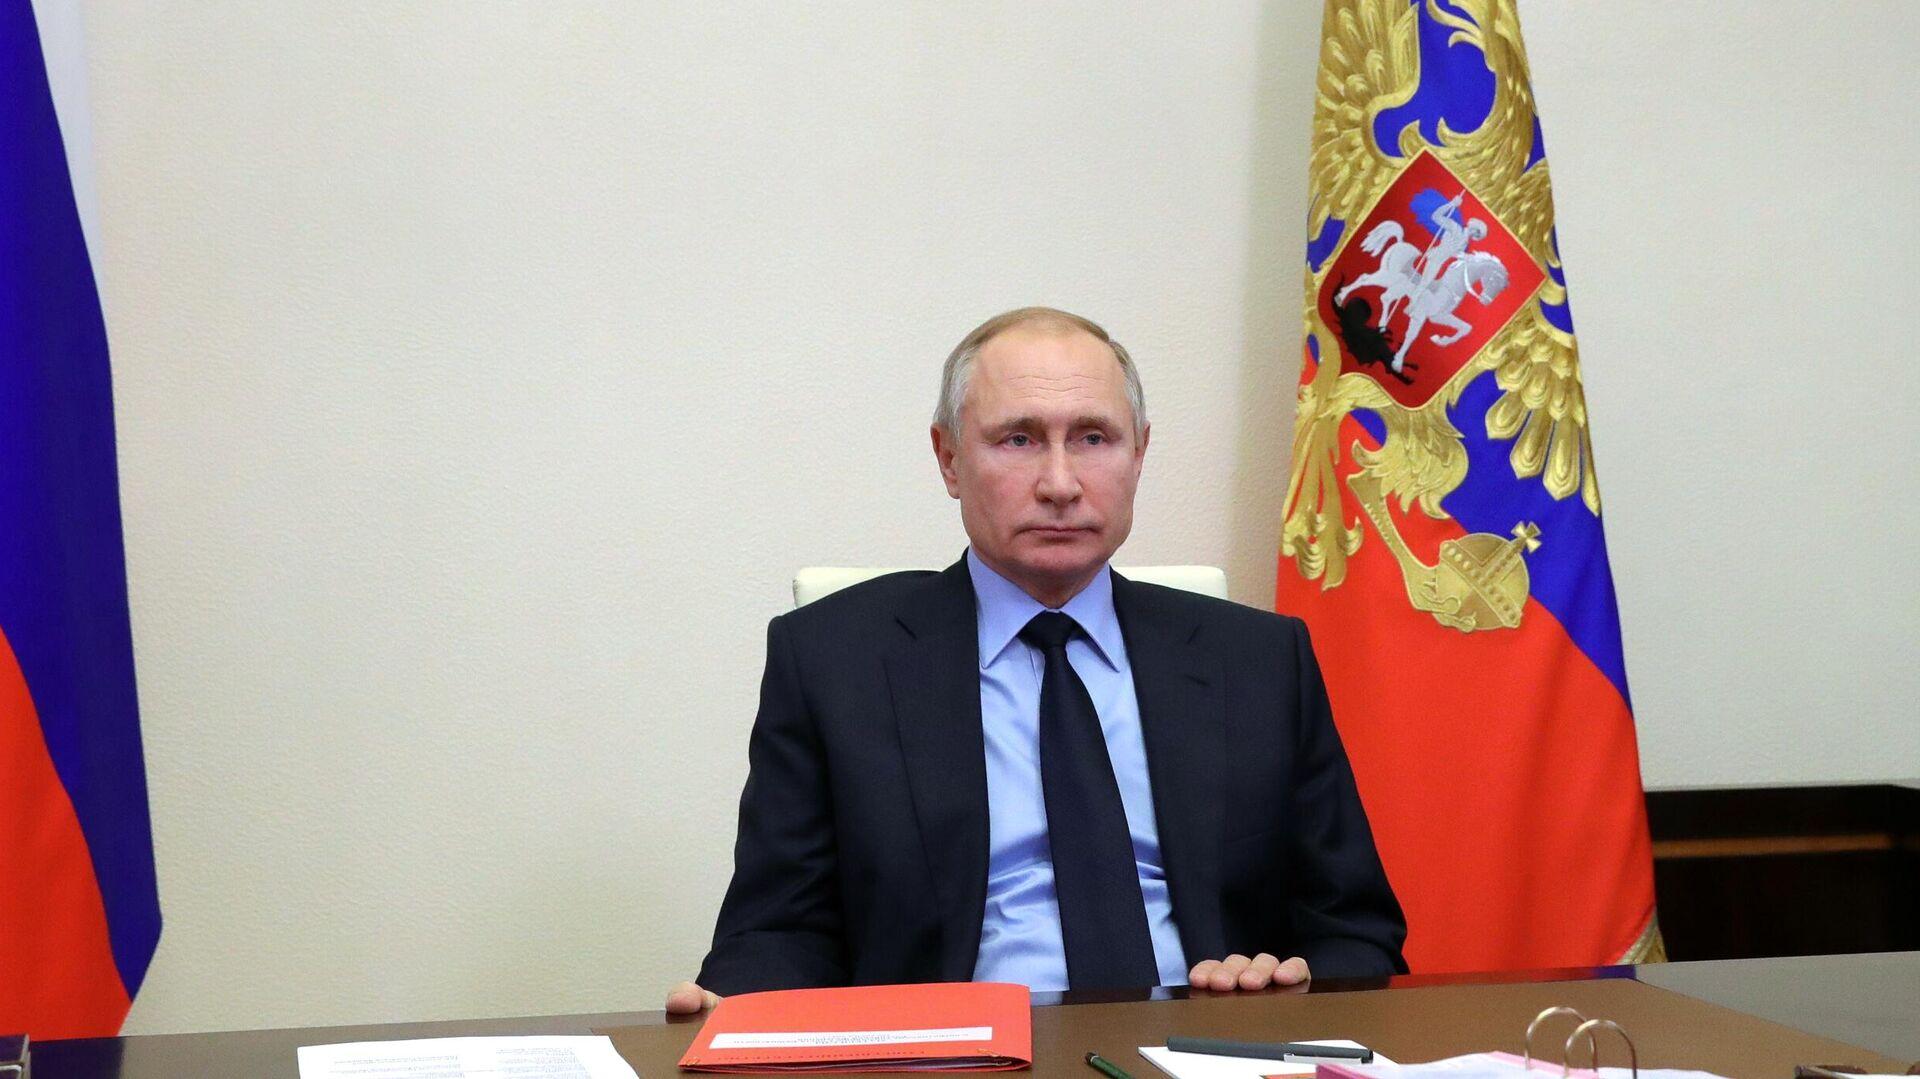 Президент РФ Владимир Путин проводит оперативное совещание с постоянными членами Совета безопасности РФ  - РИА Новости, 1920, 26.01.2021